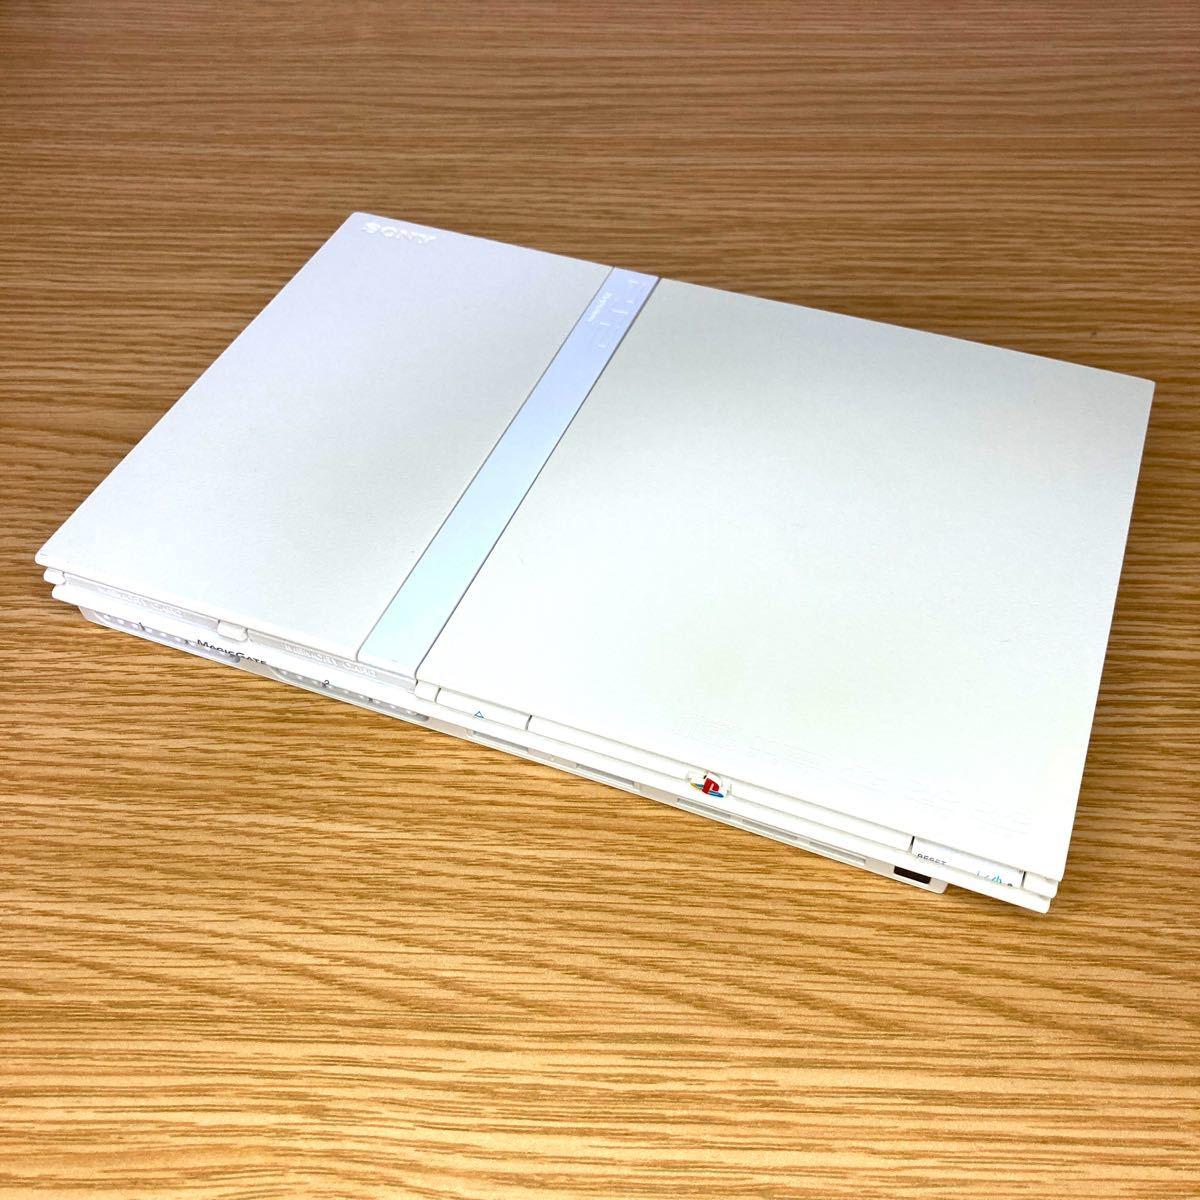 ★動作確認済み★ PS2 薄型 SCPH 77000 ホワイト 白 プレイステーション2 プレステ2  SONY メモリーカード